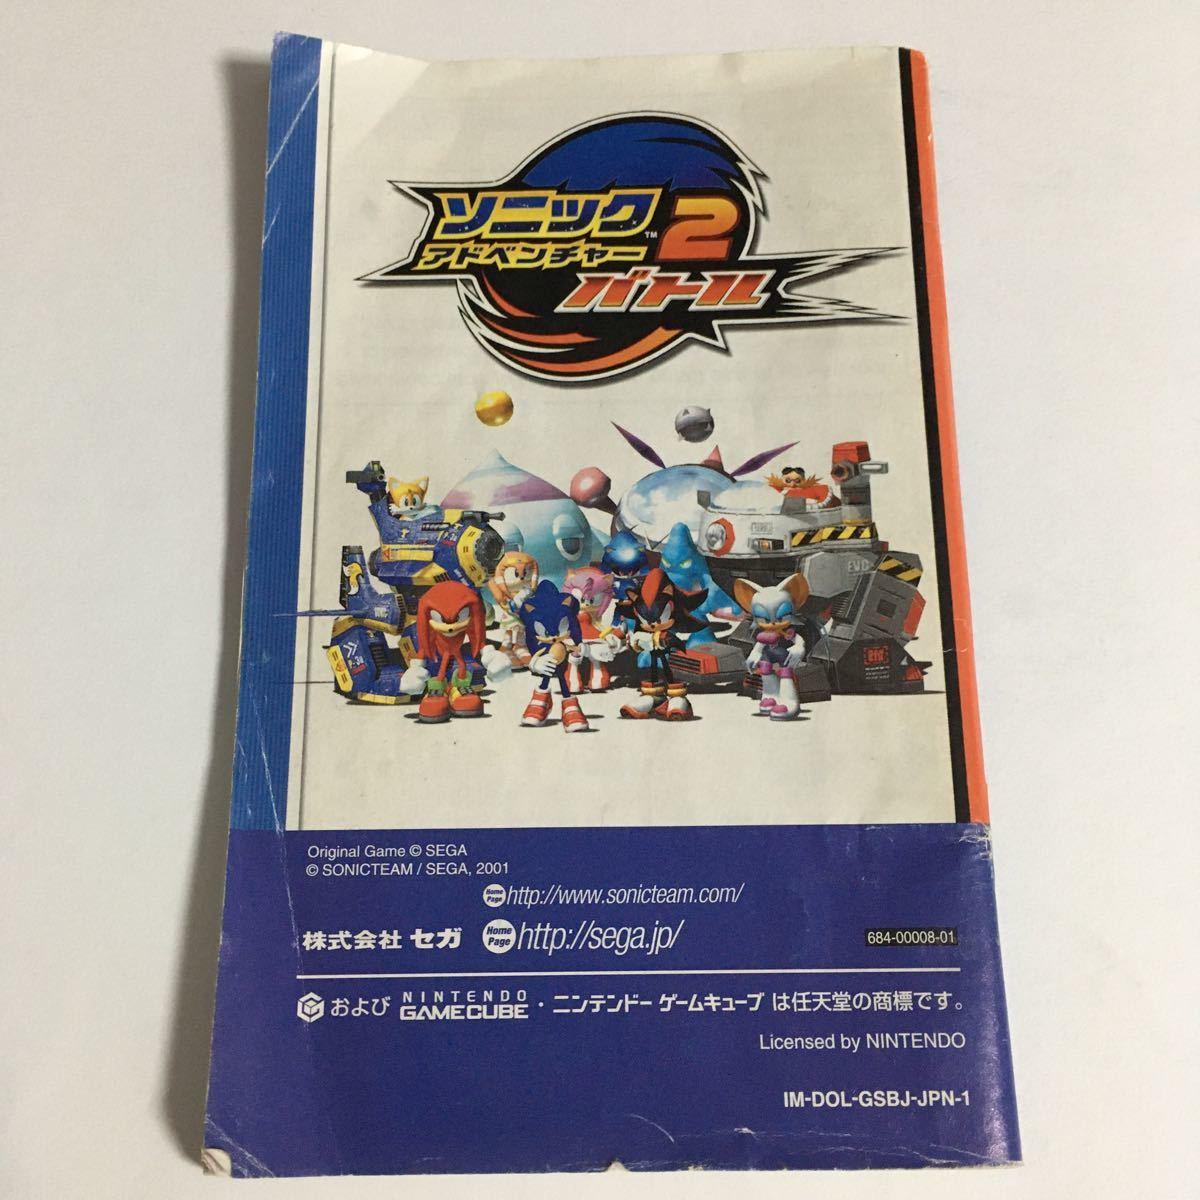 ゲームキューブ ソフト ソニックアドベンチャー2バトル 動作確認済み レトロ ゲーム セガ SEGA  カセット 任天堂